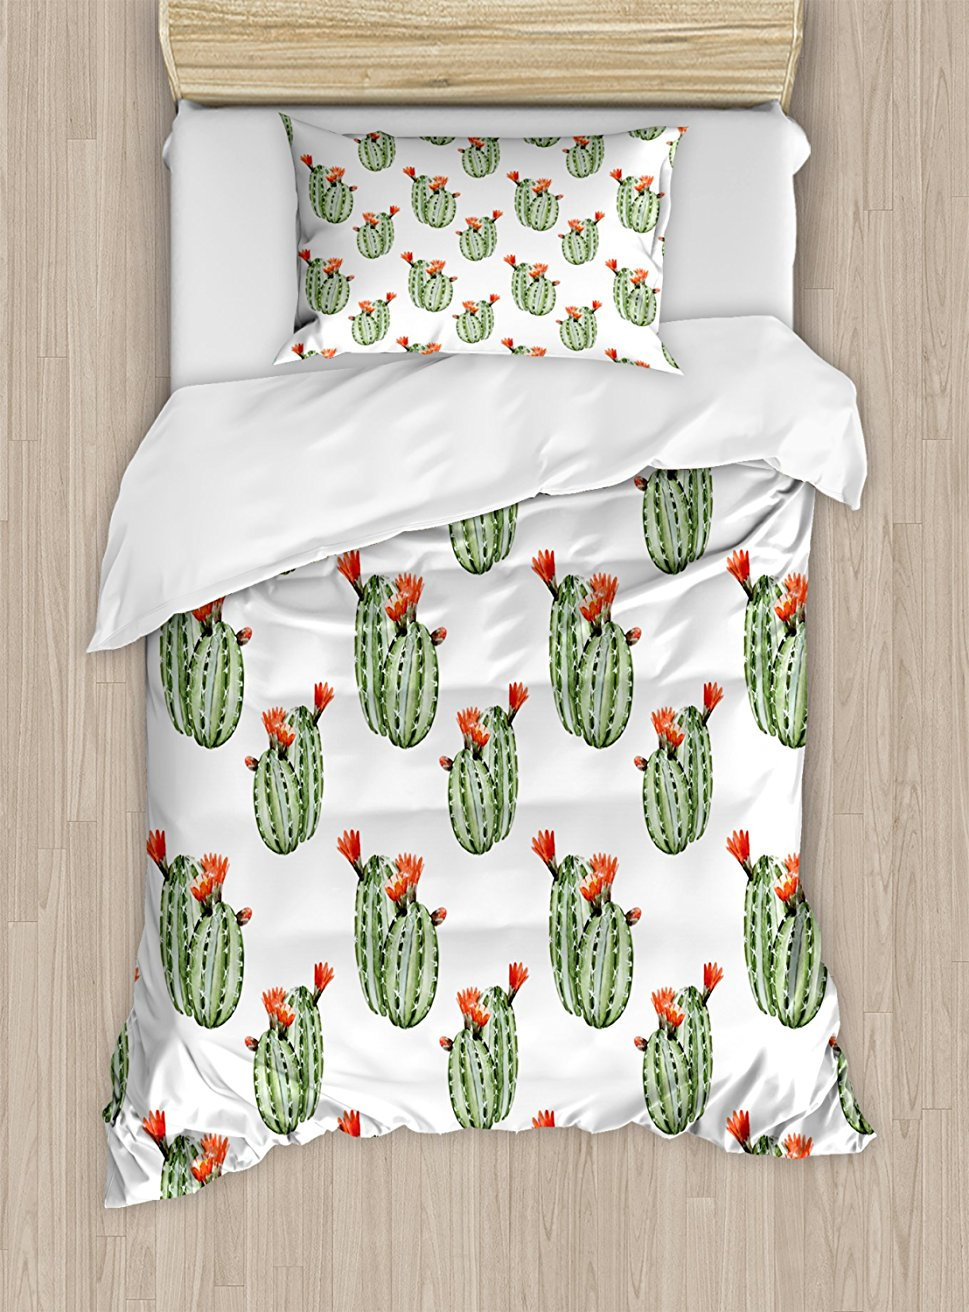 Кактус постельное белье, кактус с шипами и красные цветы мексиканской жаркая пустыня Винтаж работа изображения, 4 шт. Постельное белье